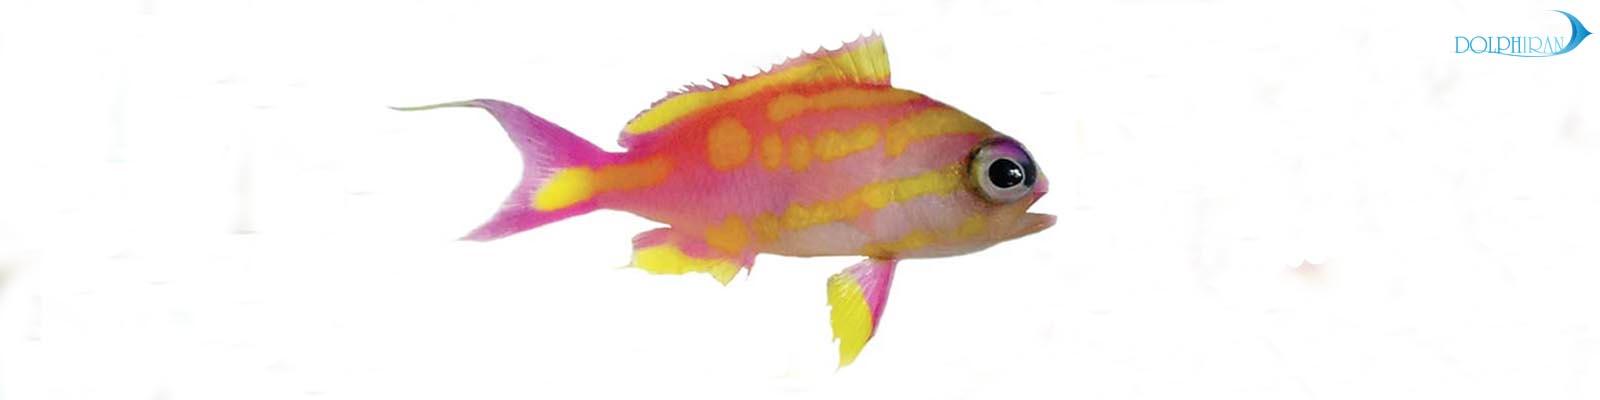 گونه ی جدیدی از آنتیاس های آب های عمیق، به نام Tasanoides bennetti